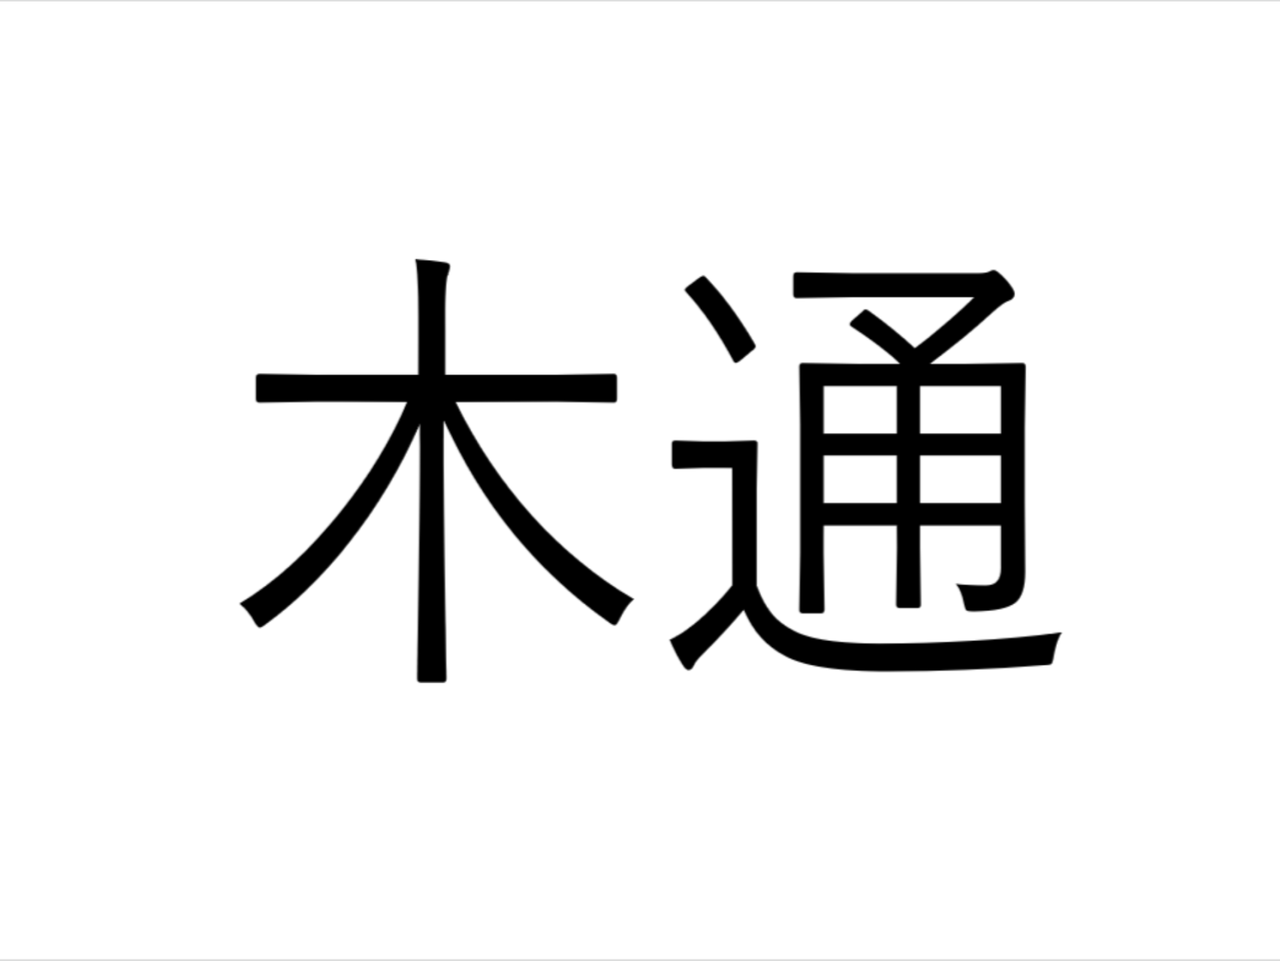 「木通」通じる木と書いてなんと読む?生産量約9割が山形県産!